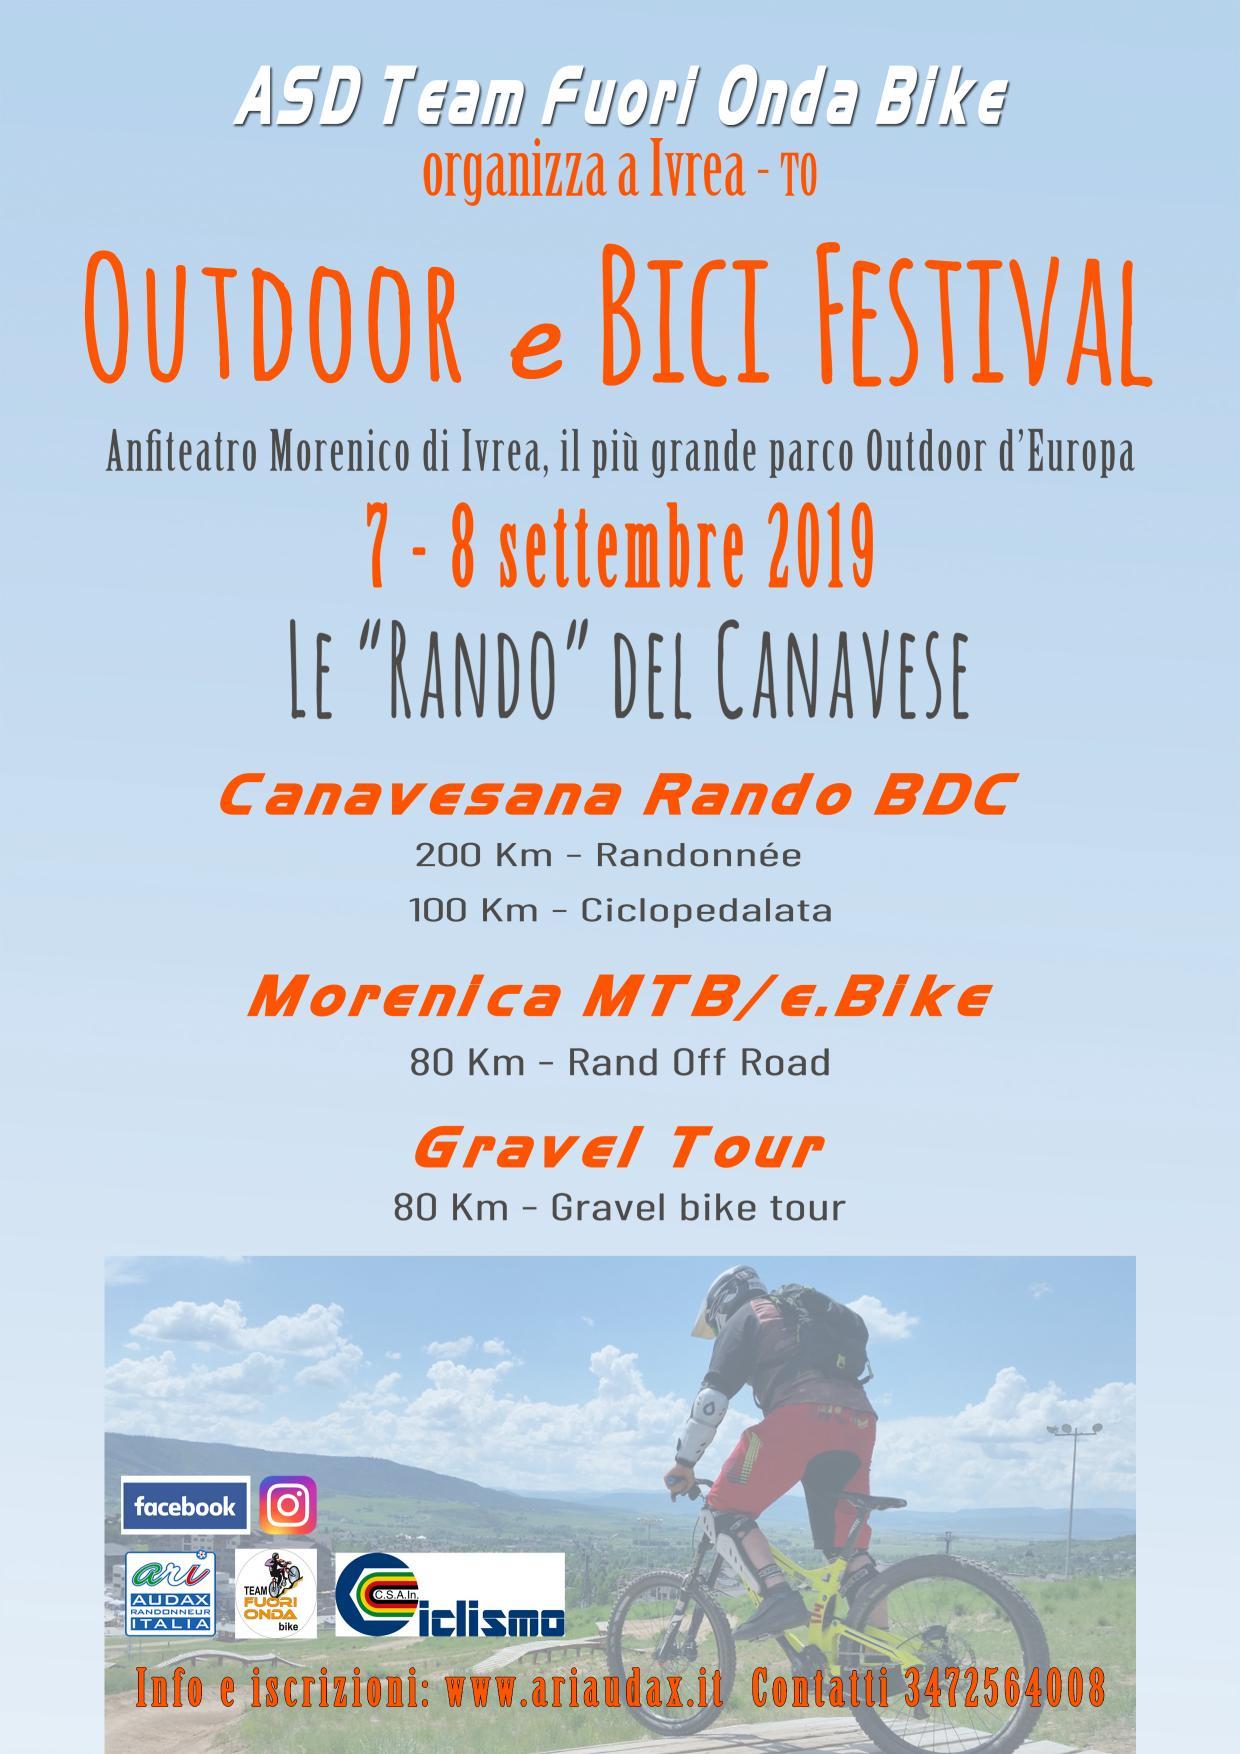 Ivrea_outdoor_bici_festival